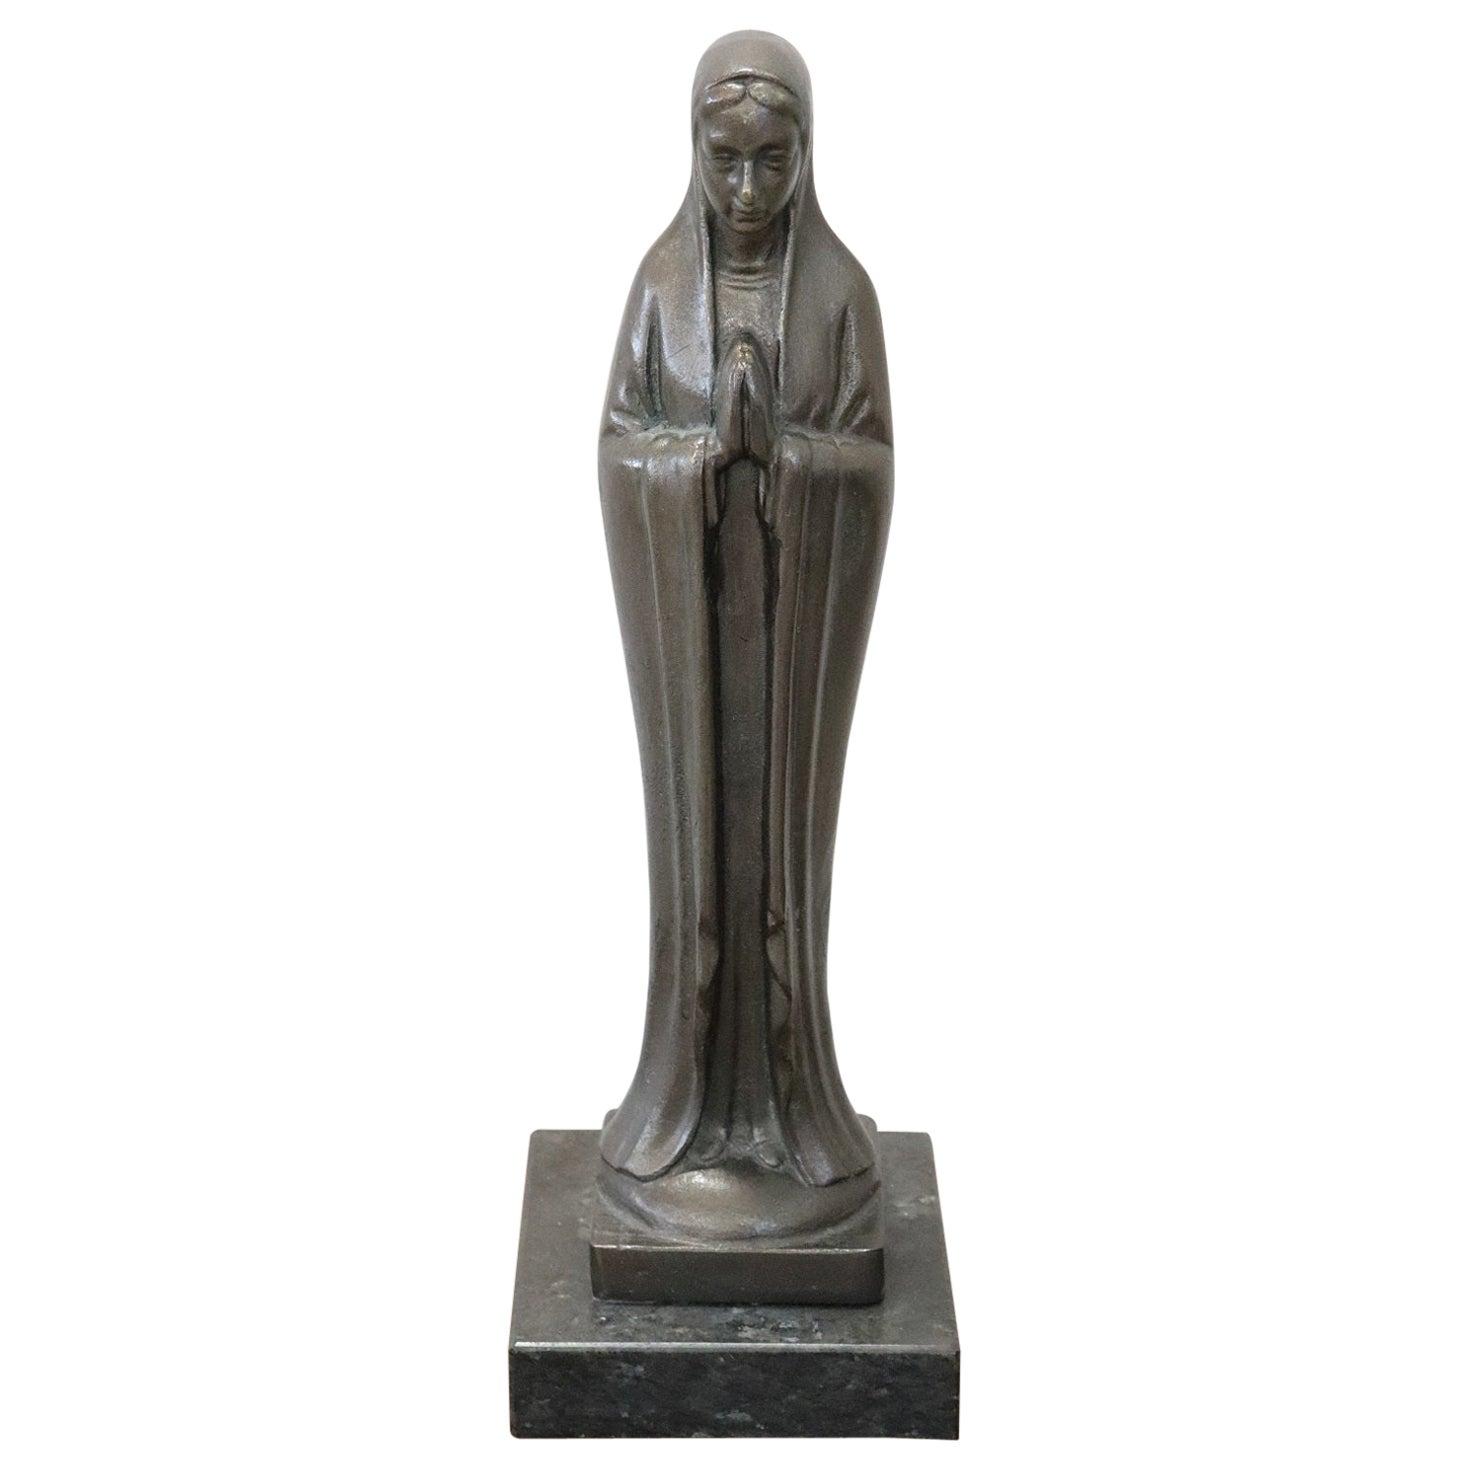 Italian Art Deco Bronze Sculpture, Virgin Mary in Prayer